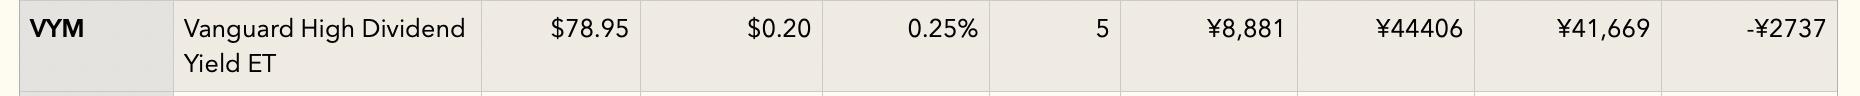 VYM(特定口座)損益表